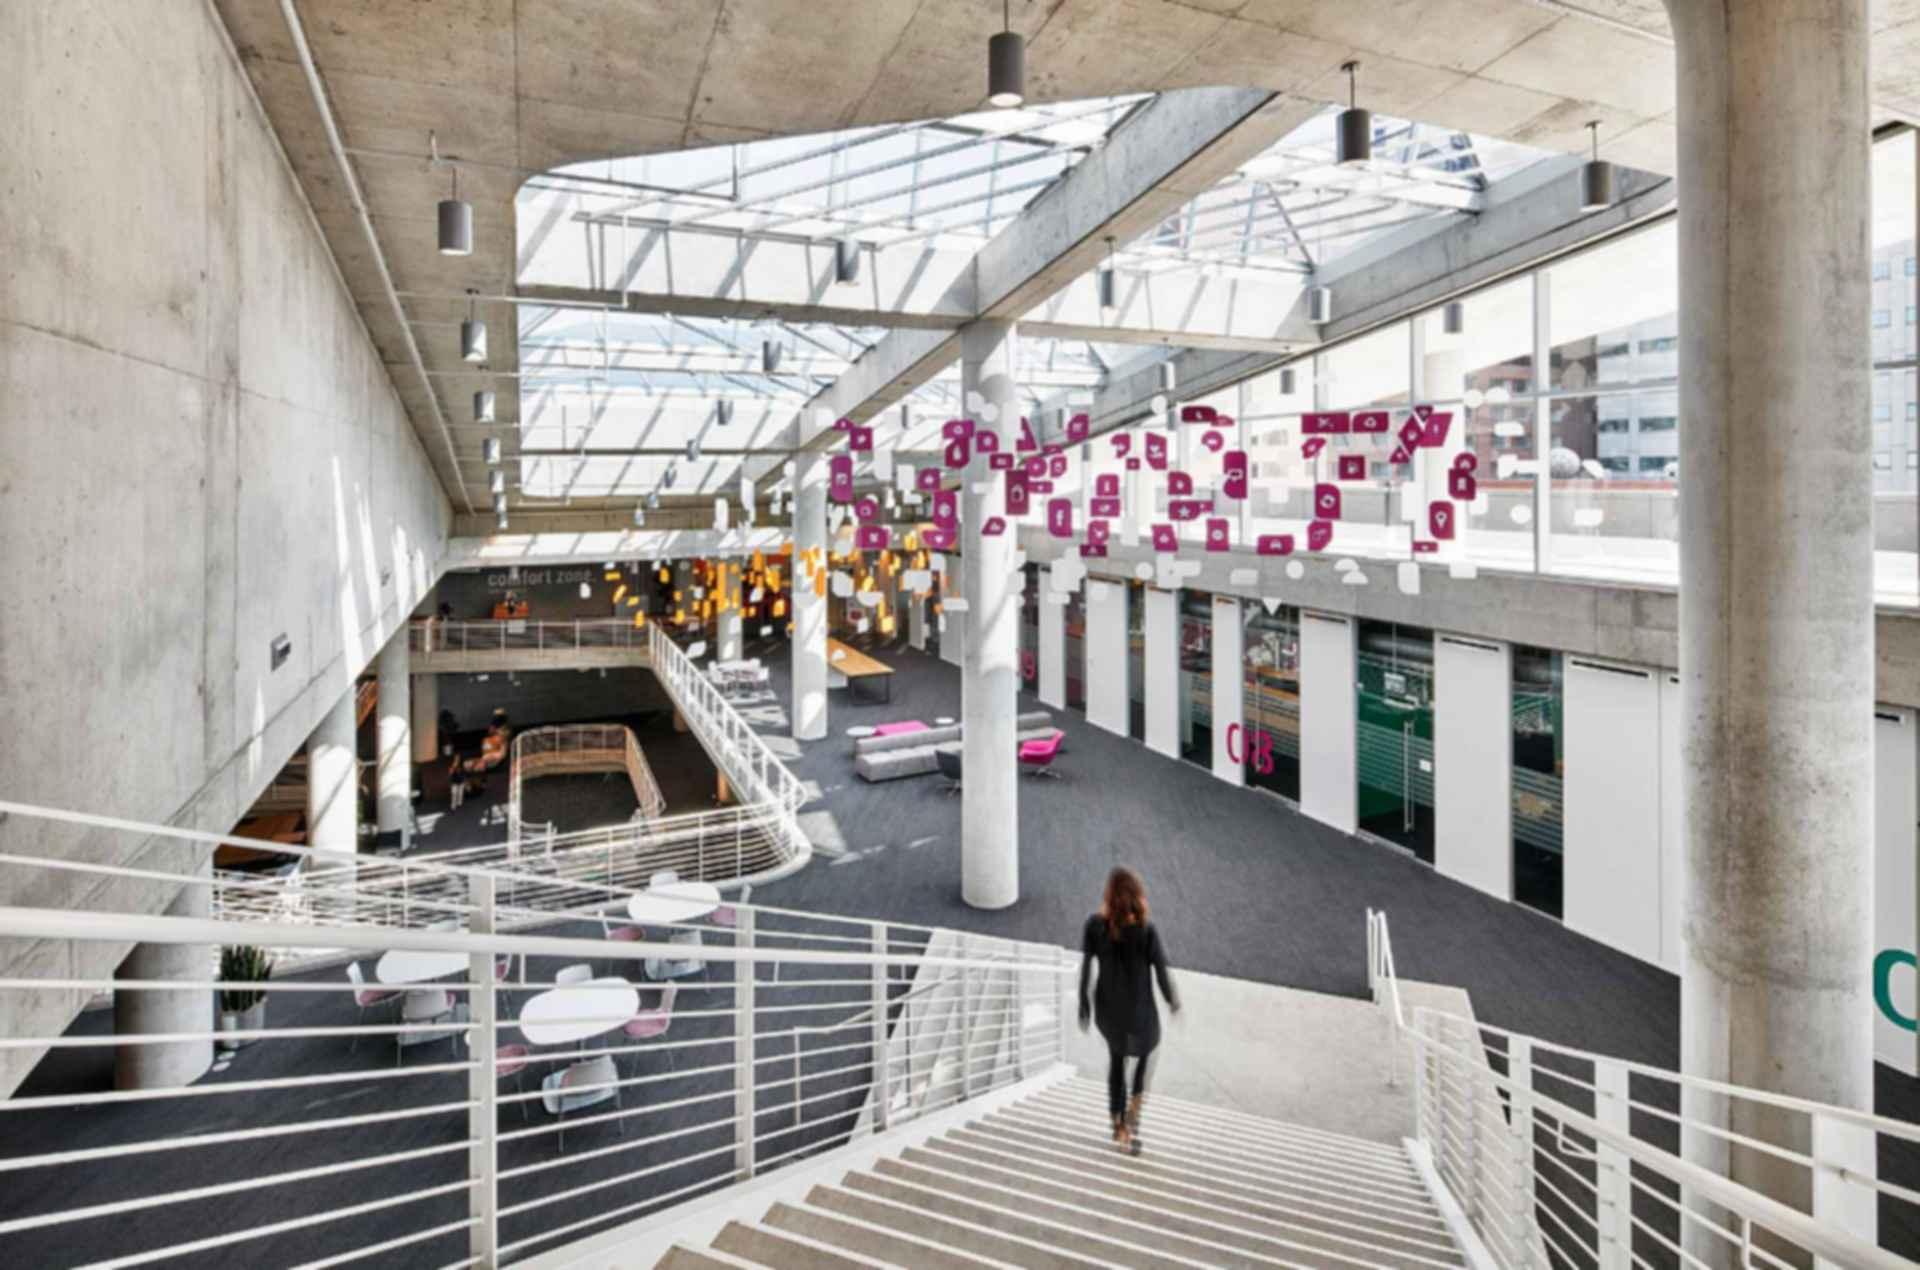 84.51 Centre - mezzanine floor